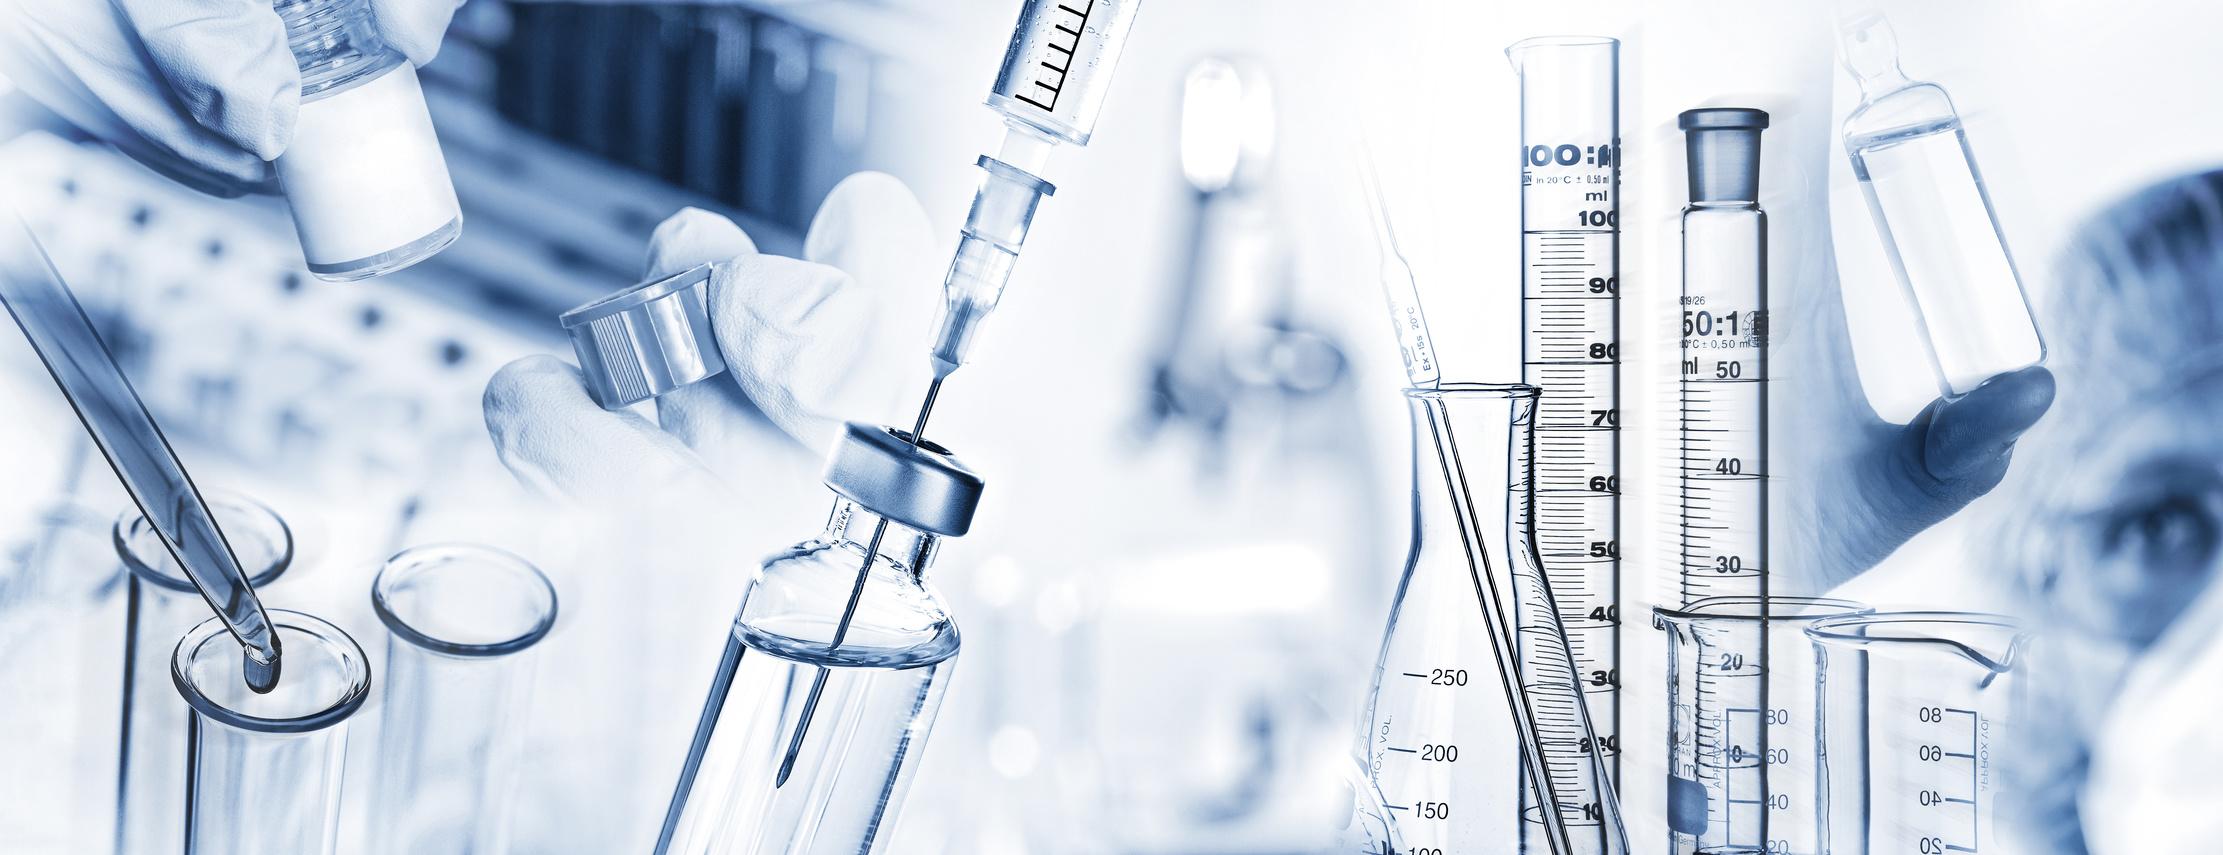 Analysesystem, Spritze, Mikroskop und weitere Laborutensilien